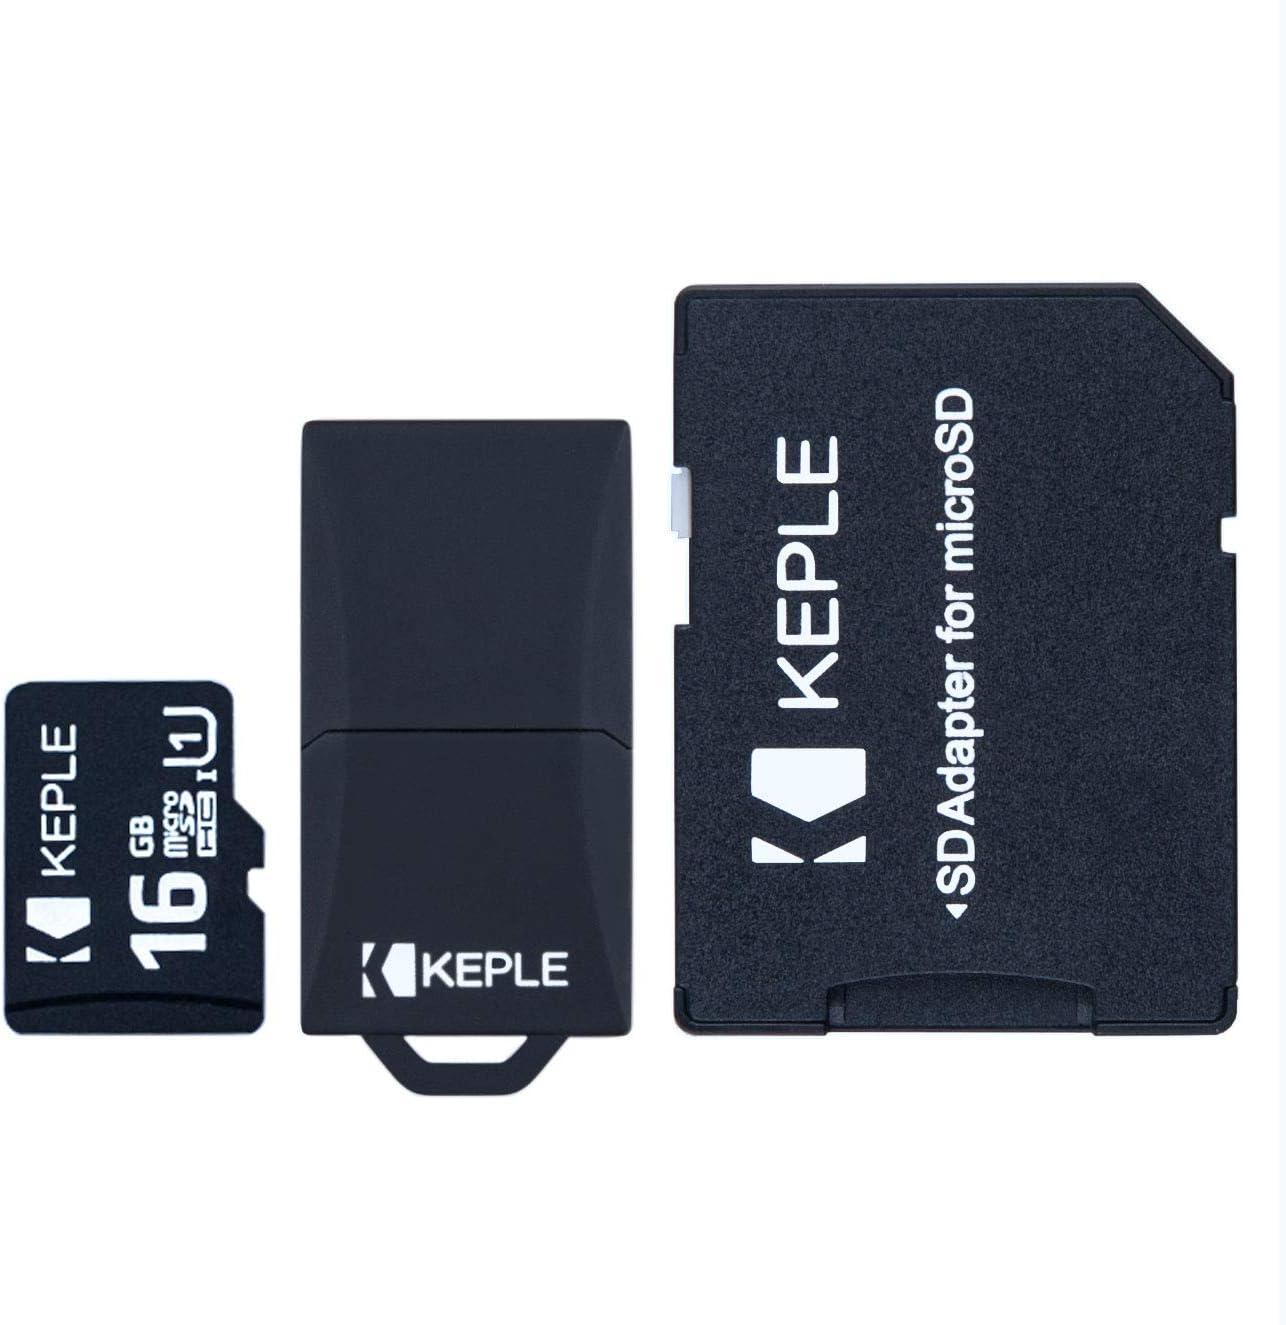 16GB microSD Memory Card | Micro SD Compatible with Alba 10